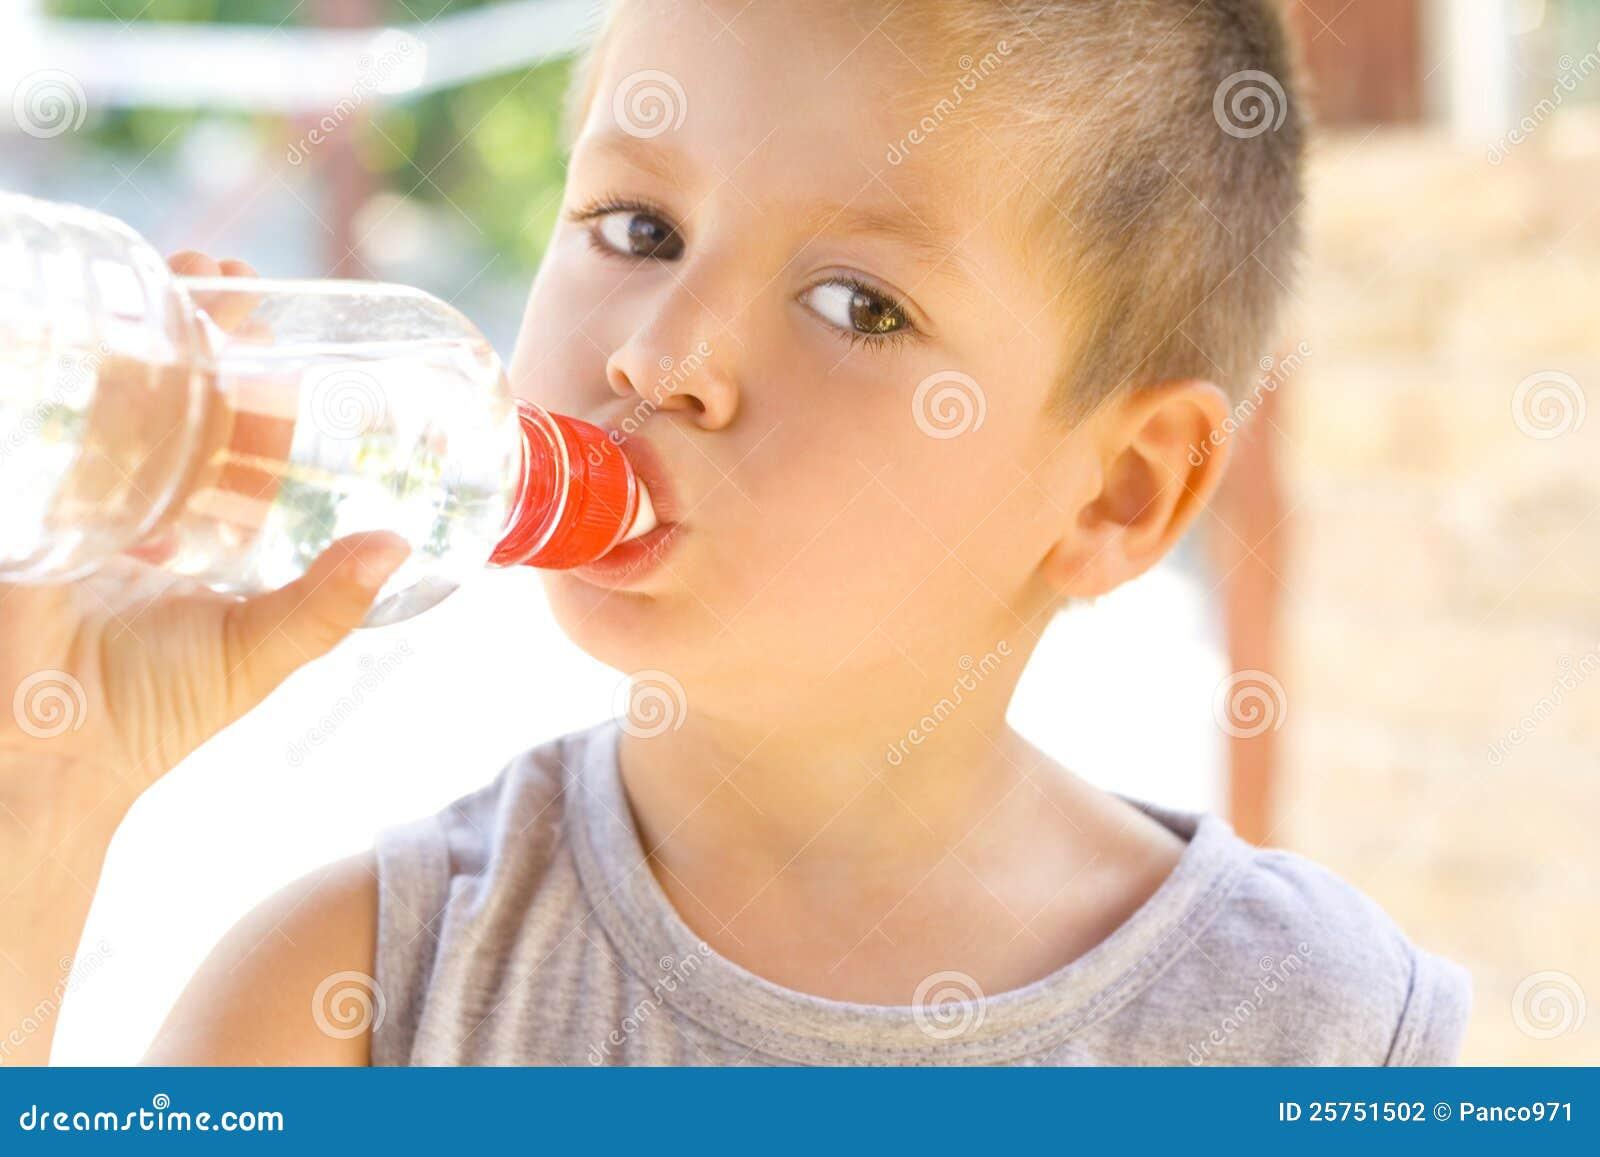 喝少许水的男孩